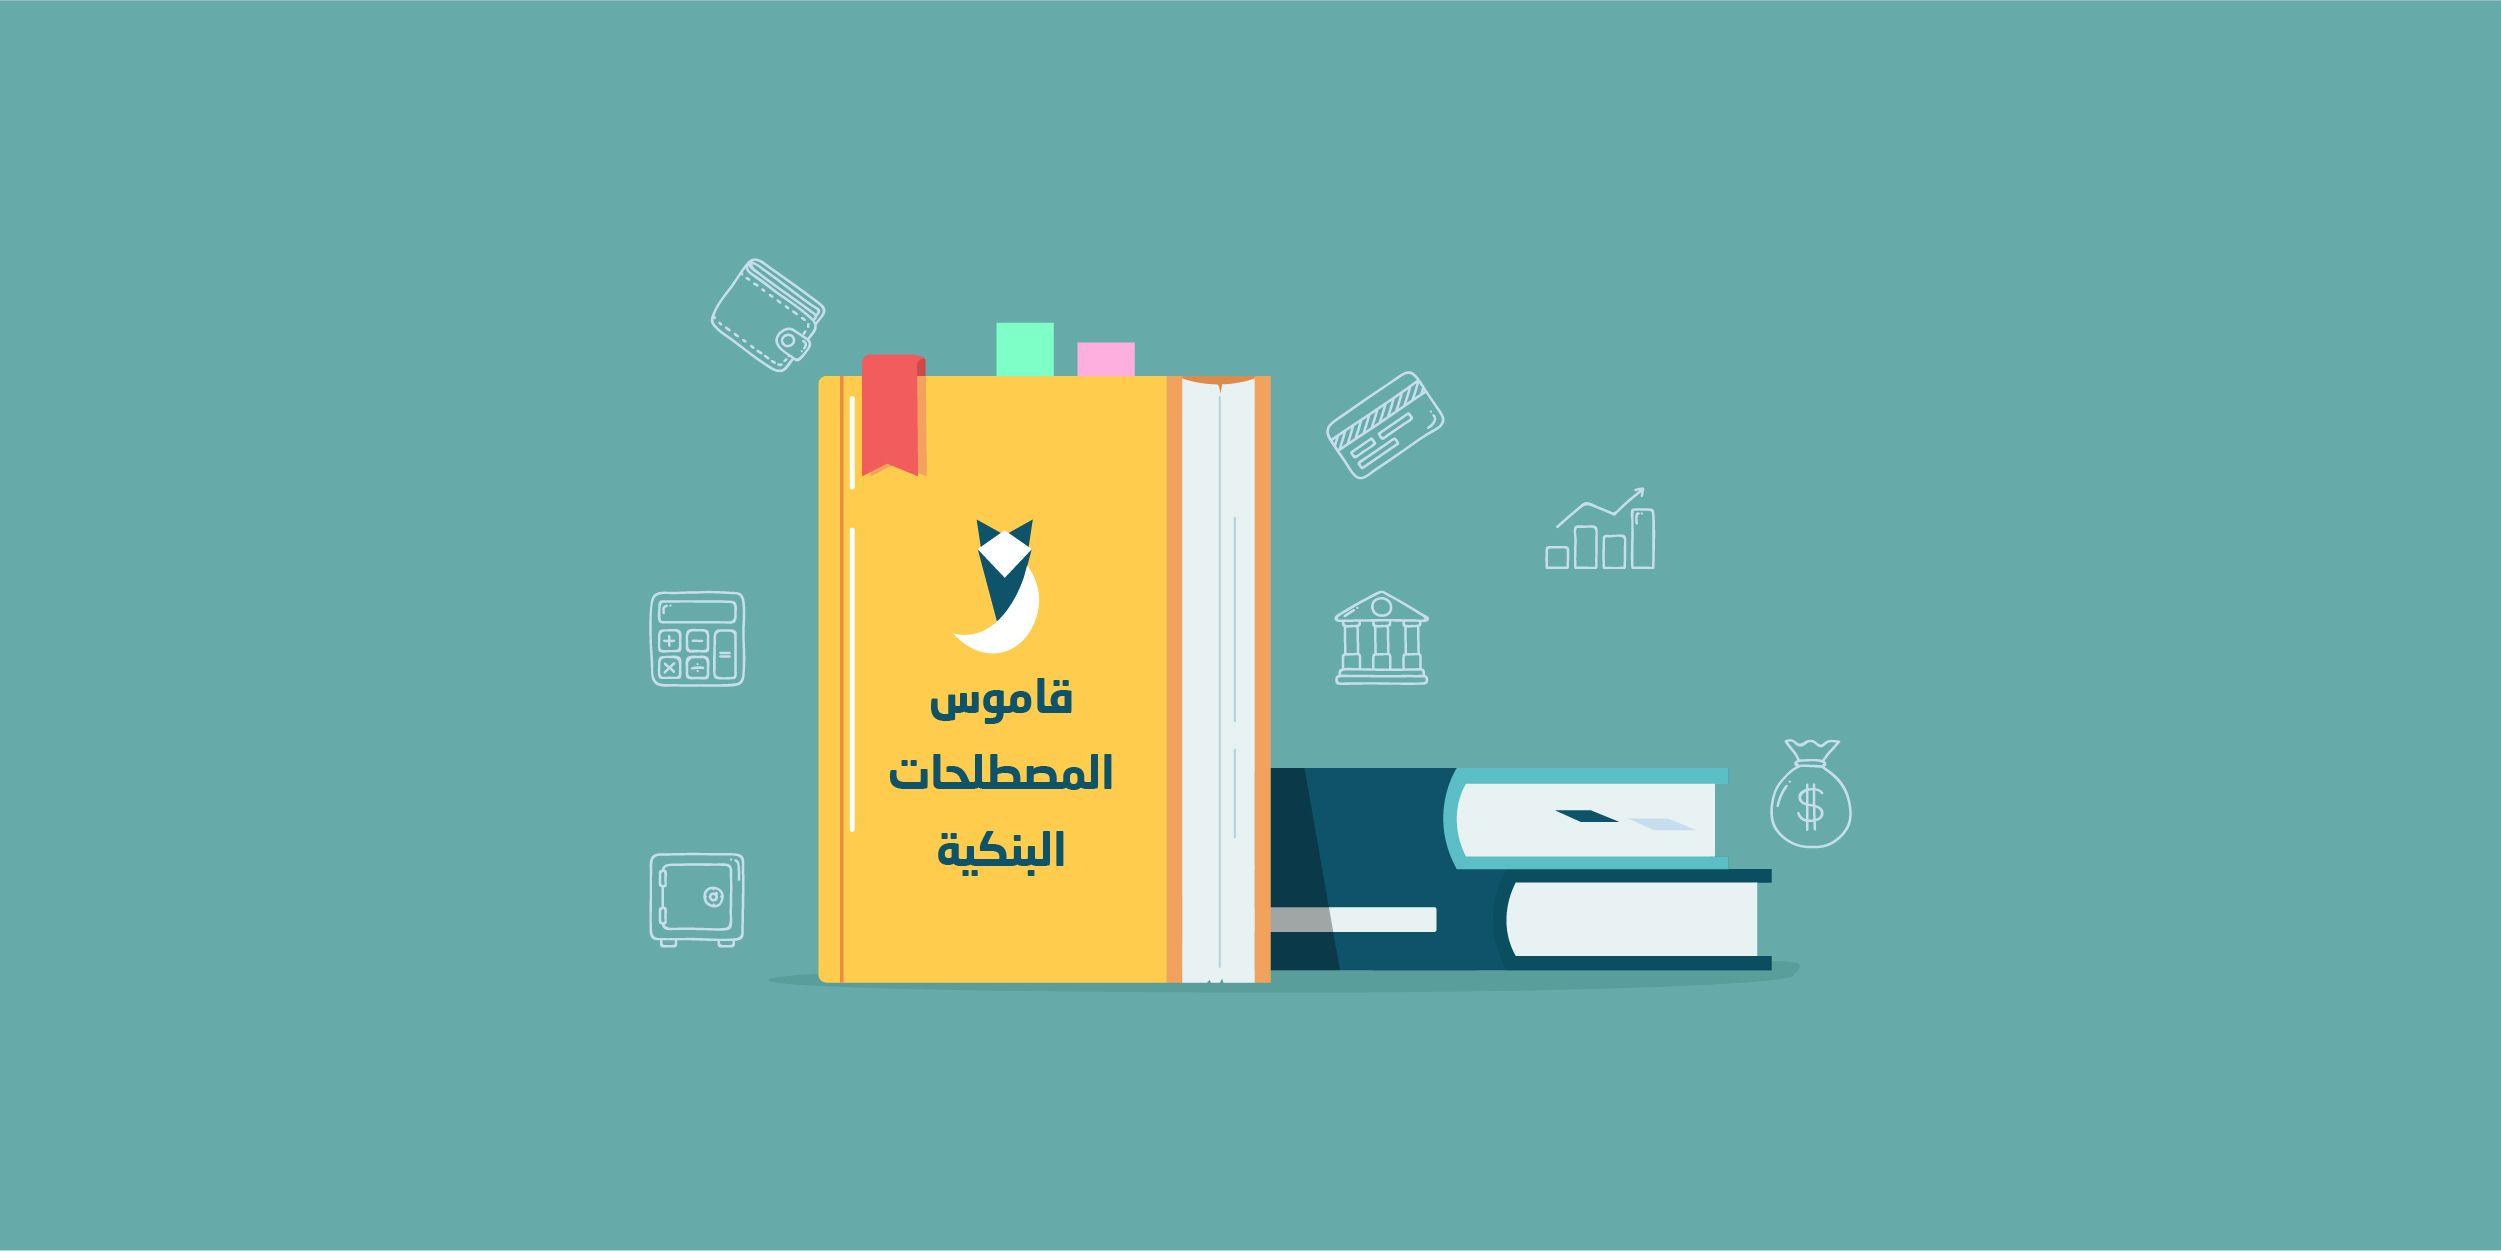 قاموس المصطلحات البنكية اللي محتاج تفهمها (الجزء الأول)